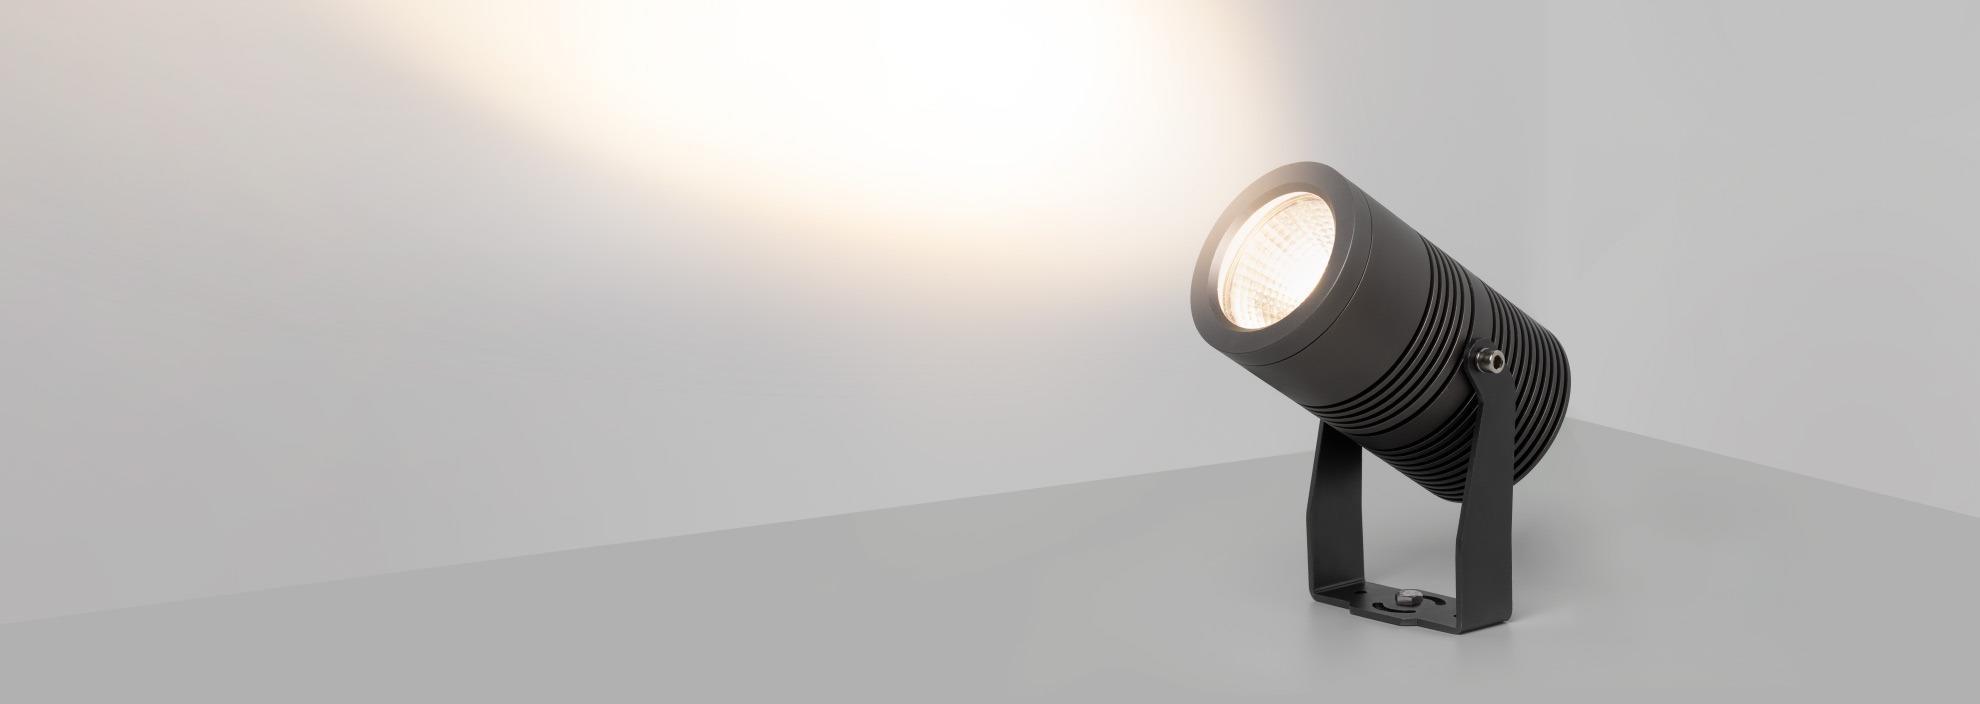 Новинки для идеальной ландшафтной подсветки